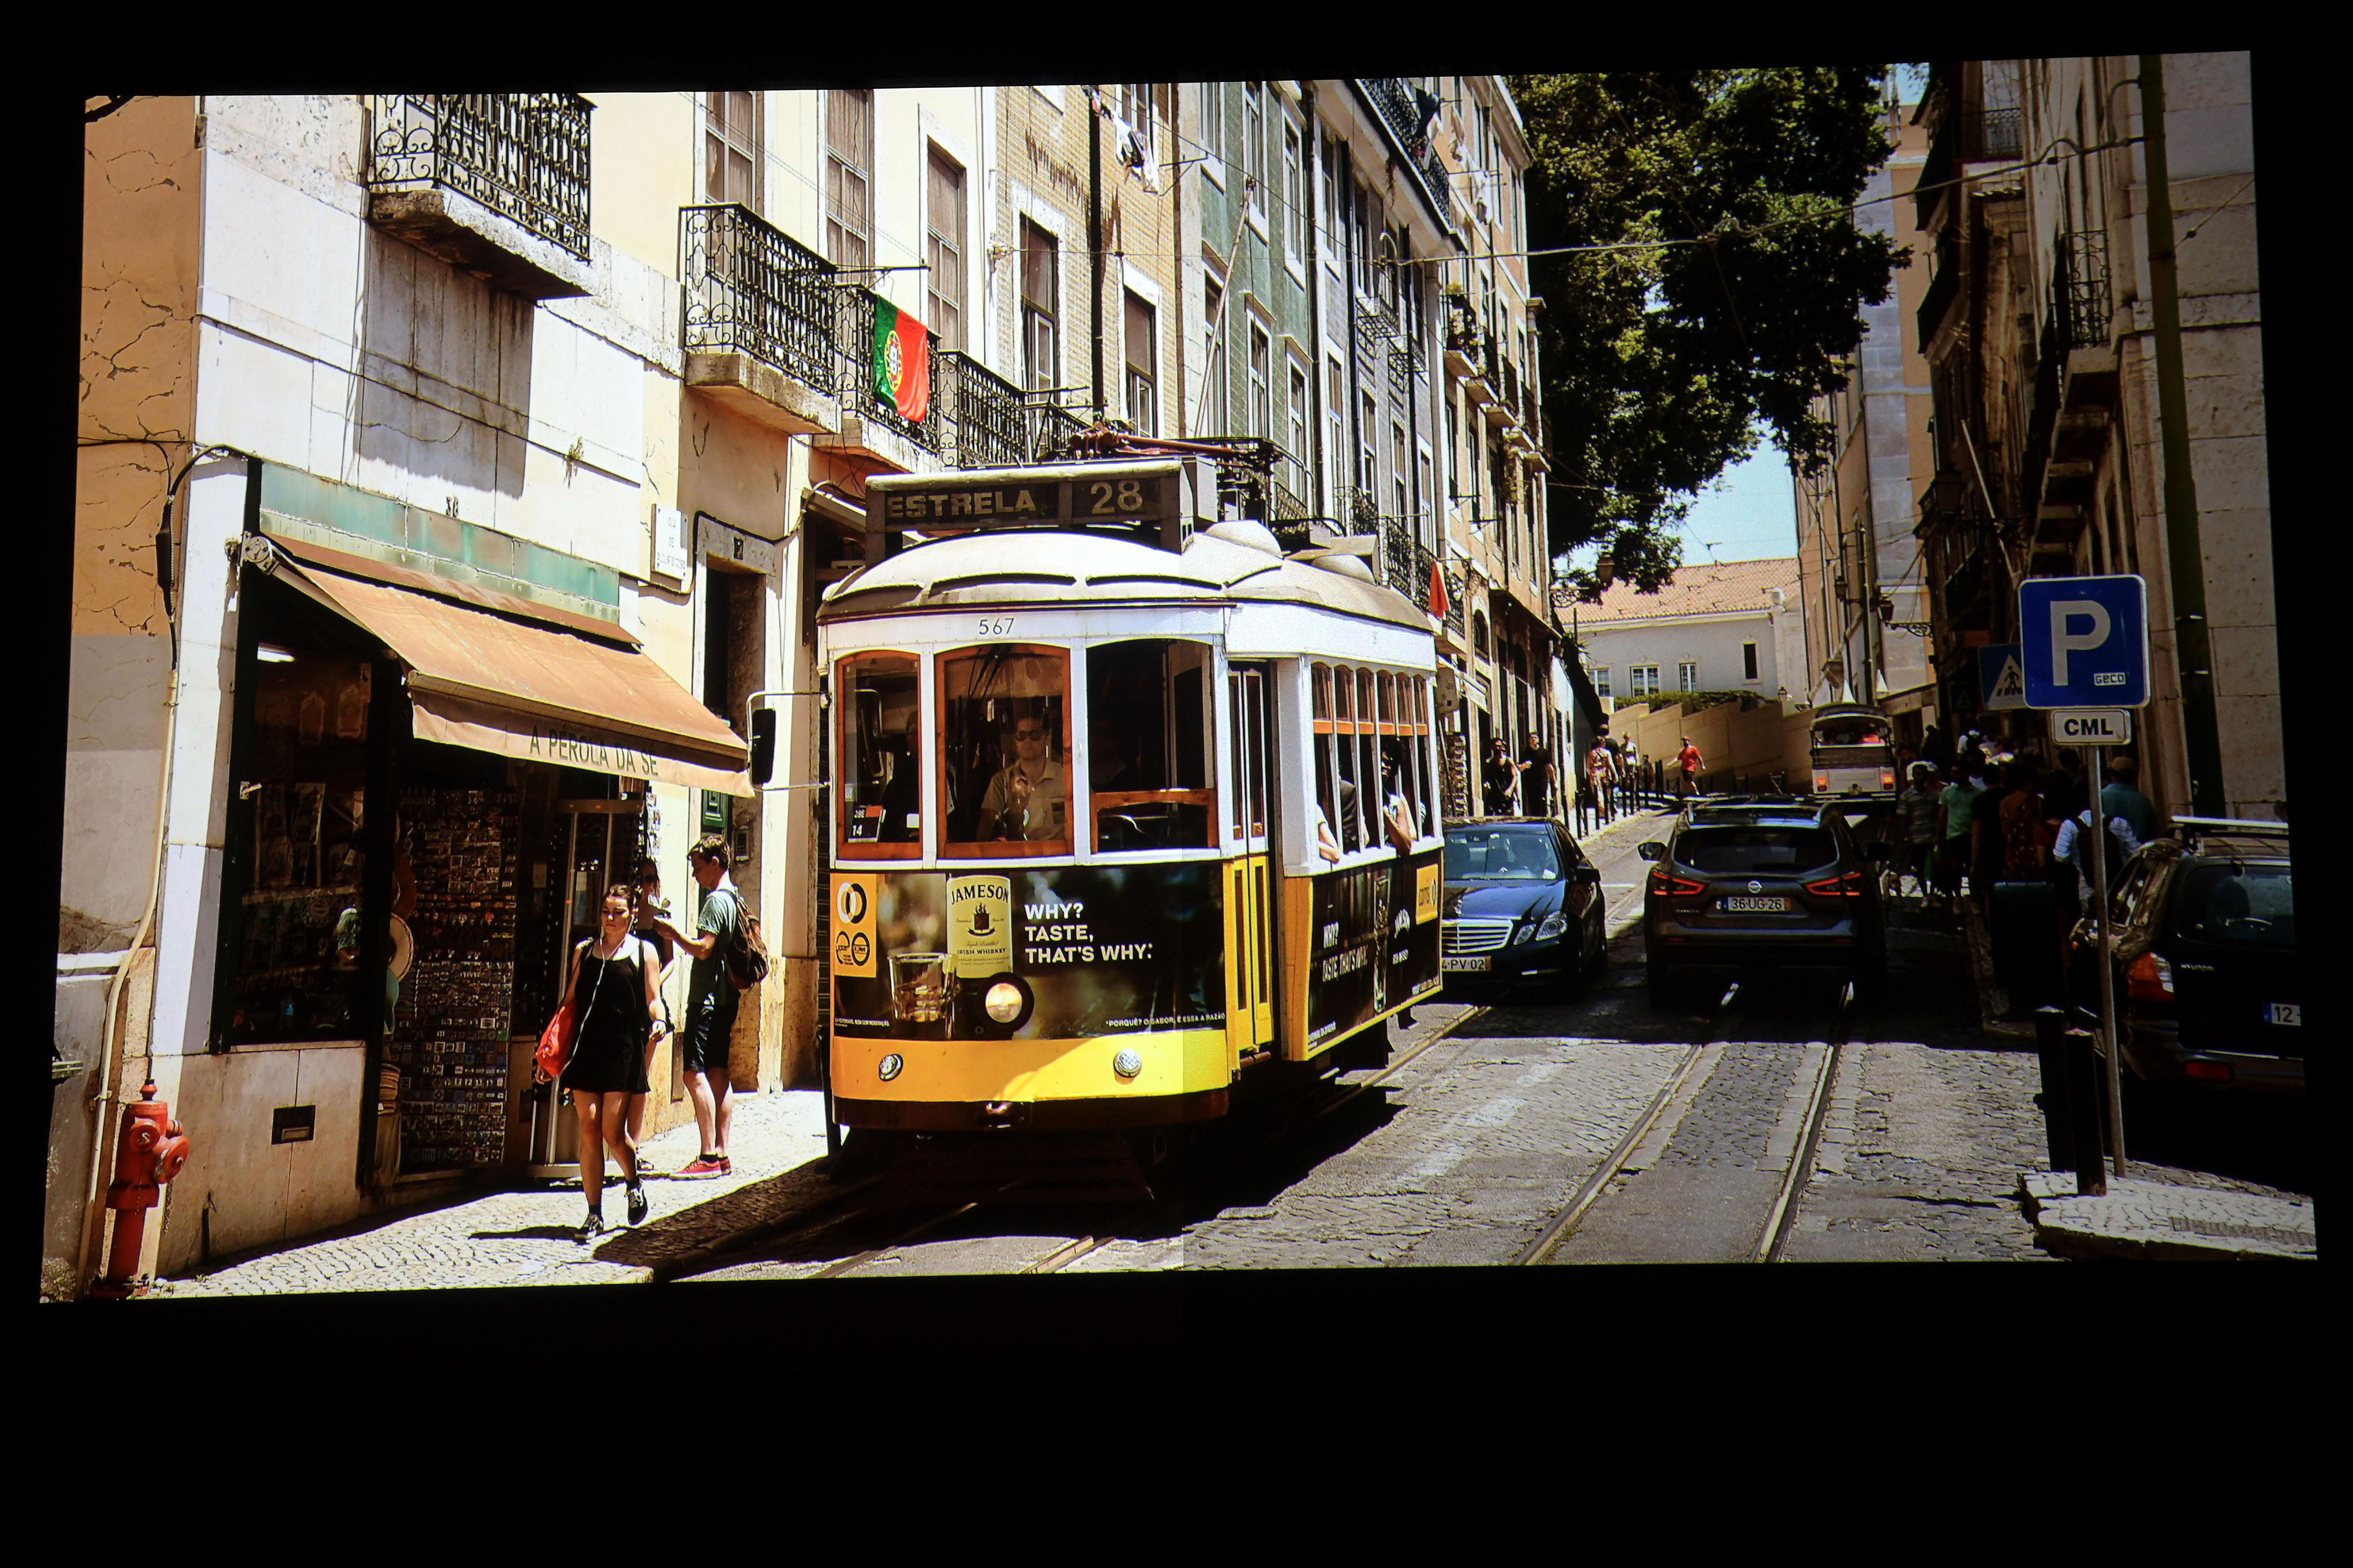 Foto: Michael B. Rehders Heimkino: Stewart StudioTek 100 (links) / Stewart Phantom HALR (rechts) Meine Aufnahme aus Lissabon mit den malerischen Straßen zeigt, wie sich helle Szenen auf beiden Leinwänden schlagen. Auch hier gibt es kaum einen Unterschied zwischen den Abbildungen. Auf der StudioTek 100 erscheinen die Inhalte etwas heller, auf der Phantom HALR mit einem Hauch von Grießeln.